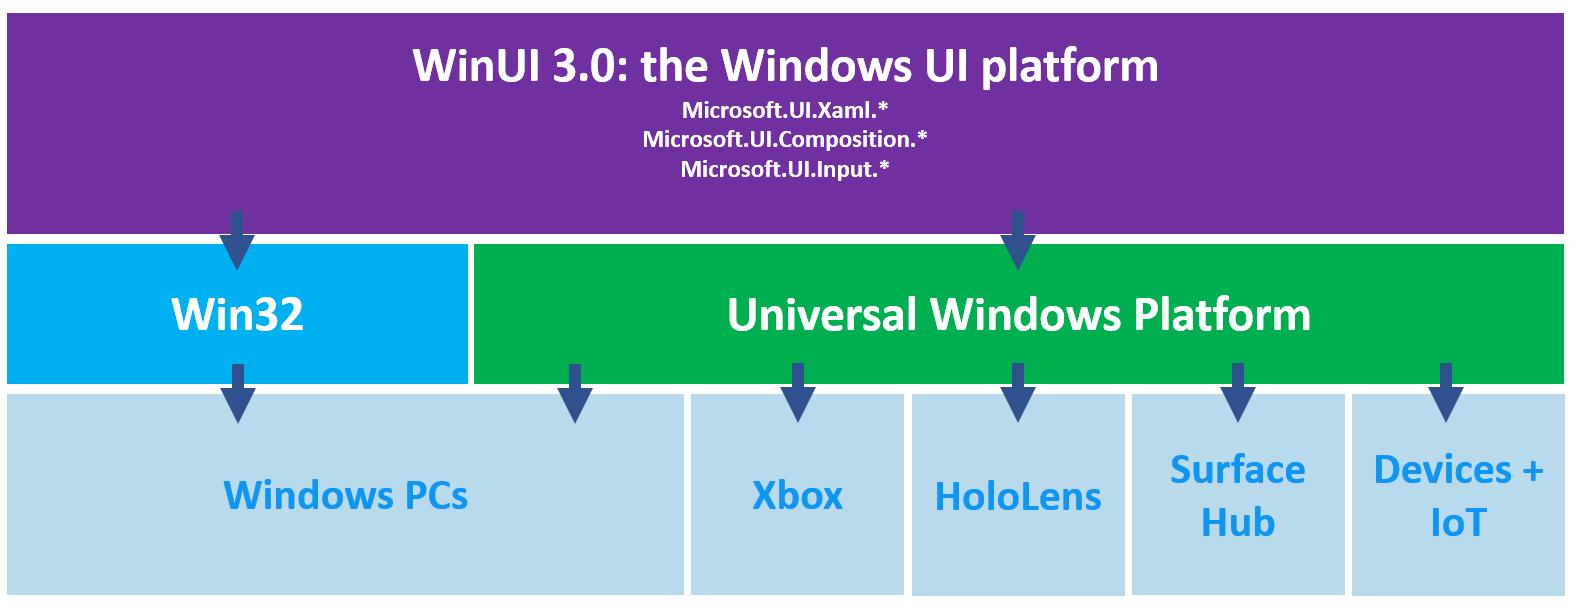 Win UI 3.0 architecture